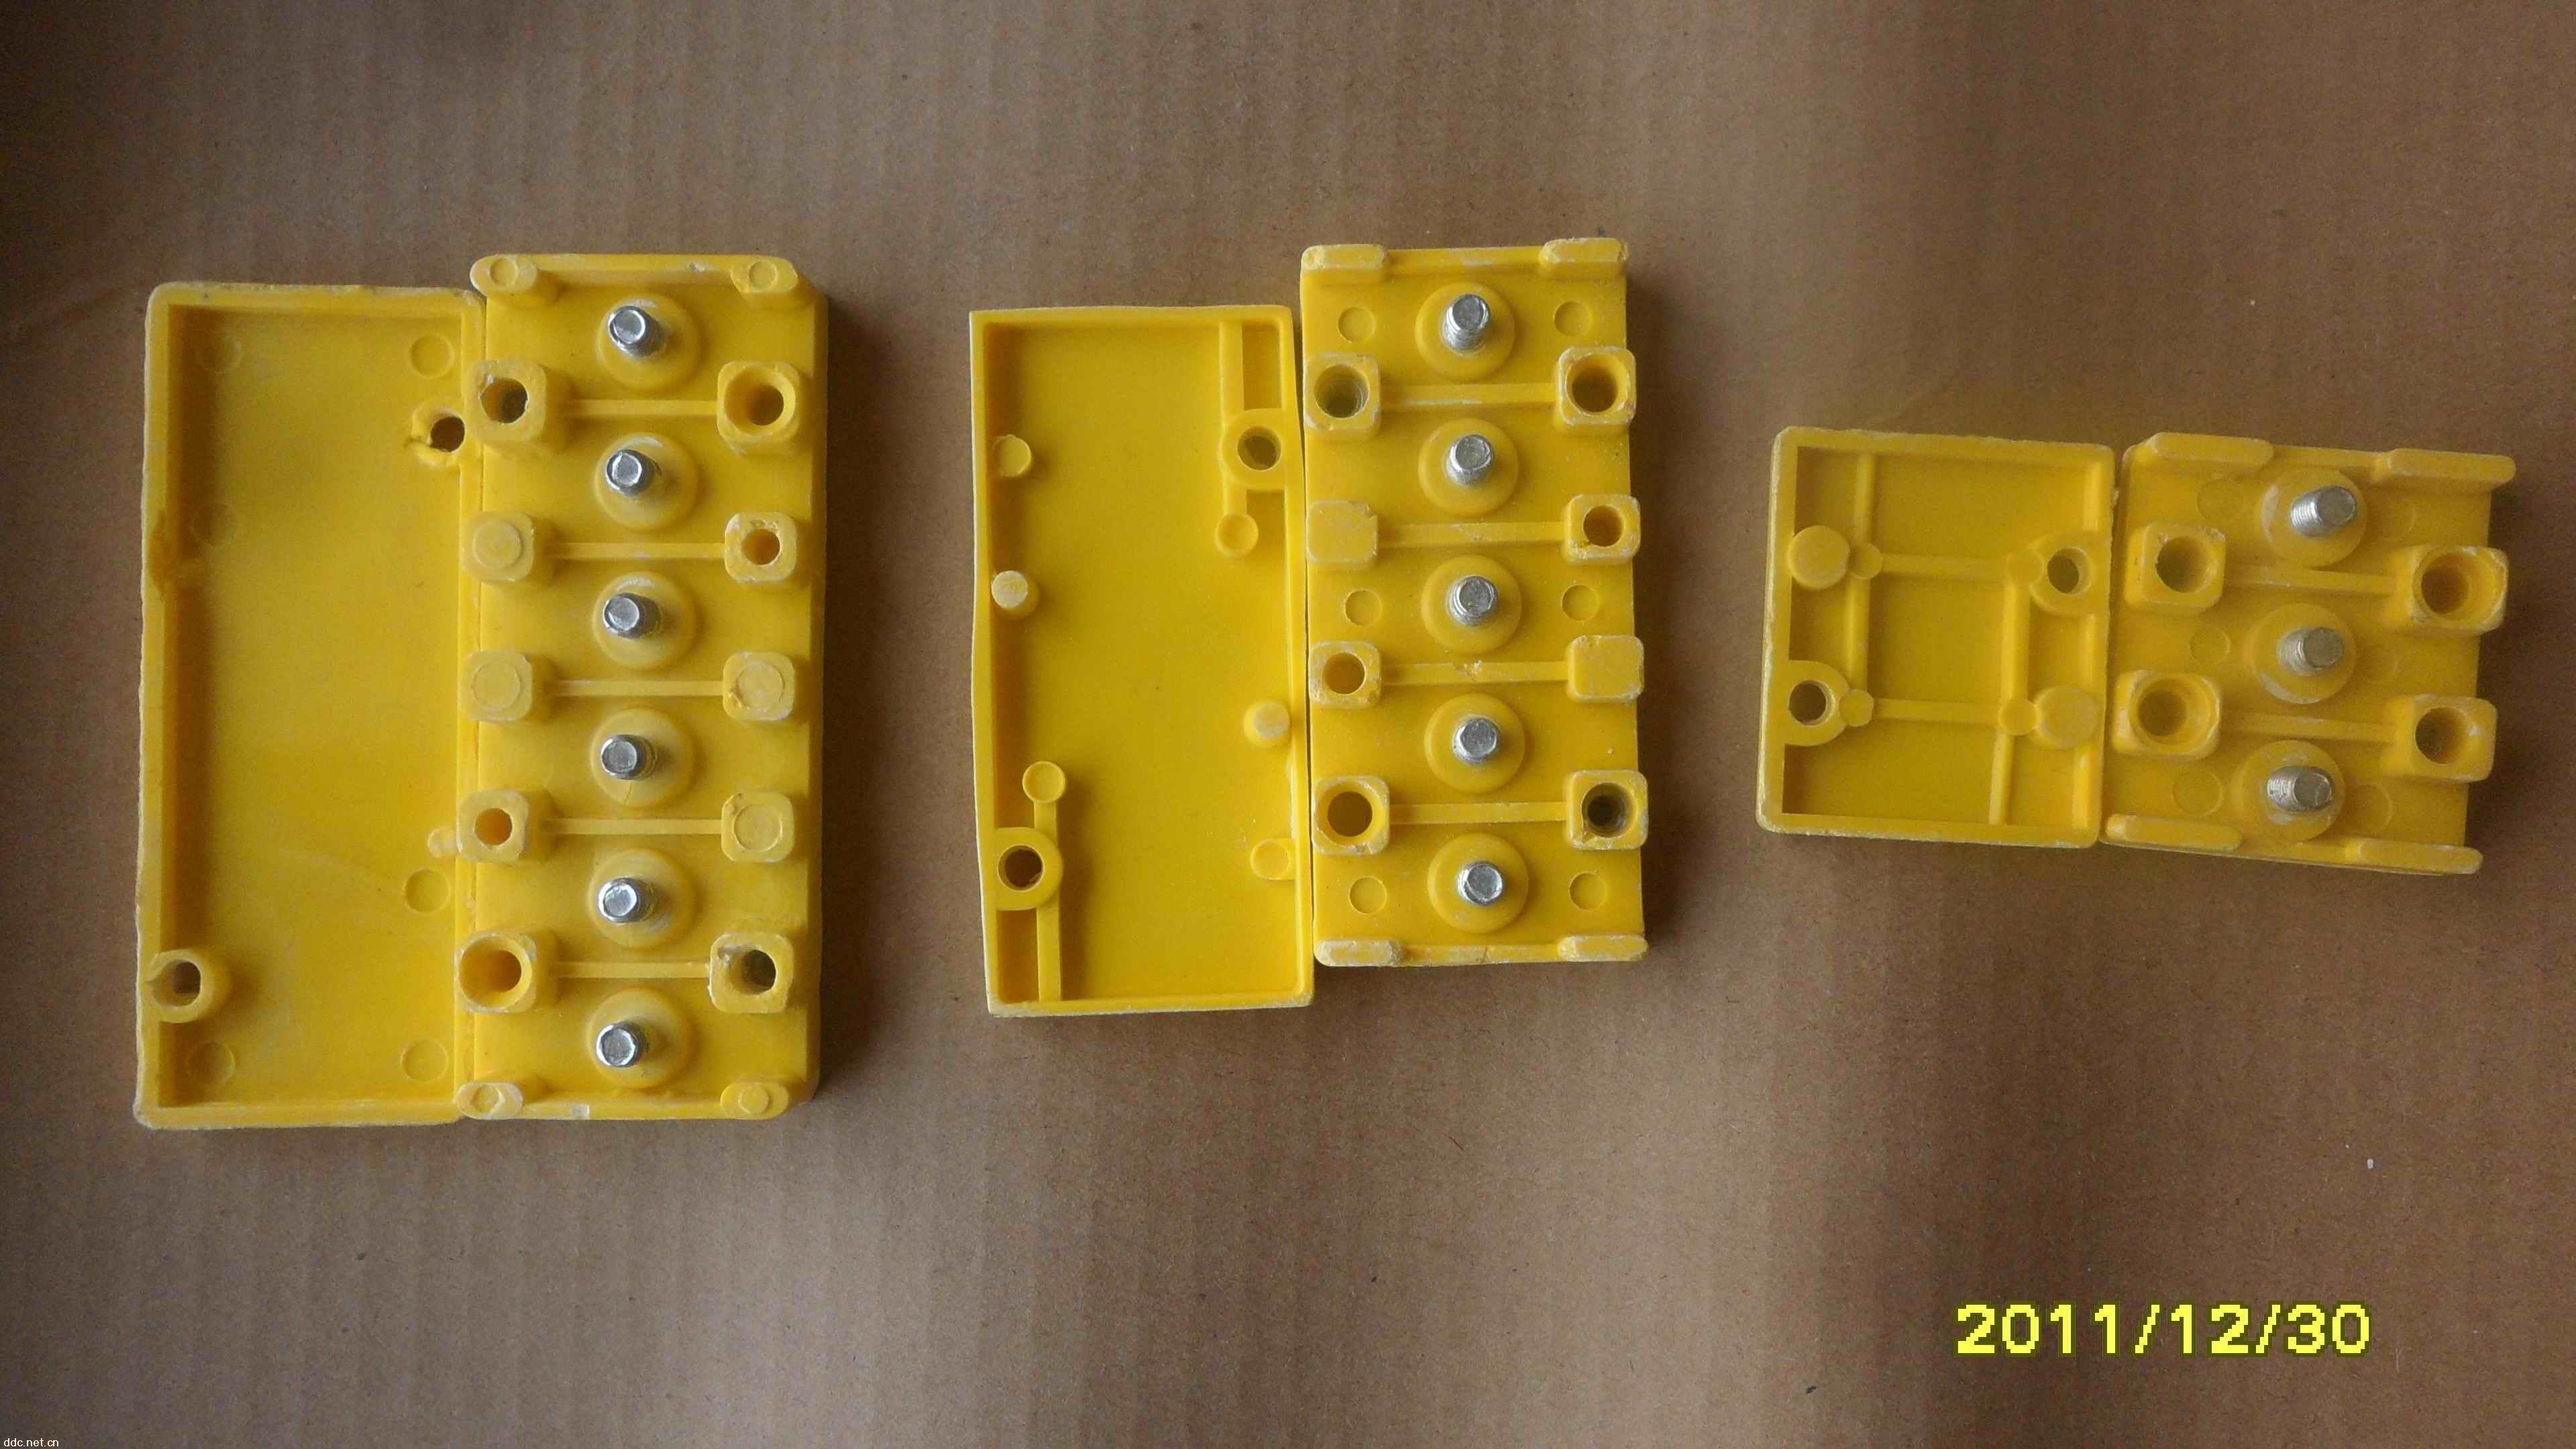 批发电动三轮车的控制器配的接线板,接线盒,有三柱,五柱,六柱的,各种